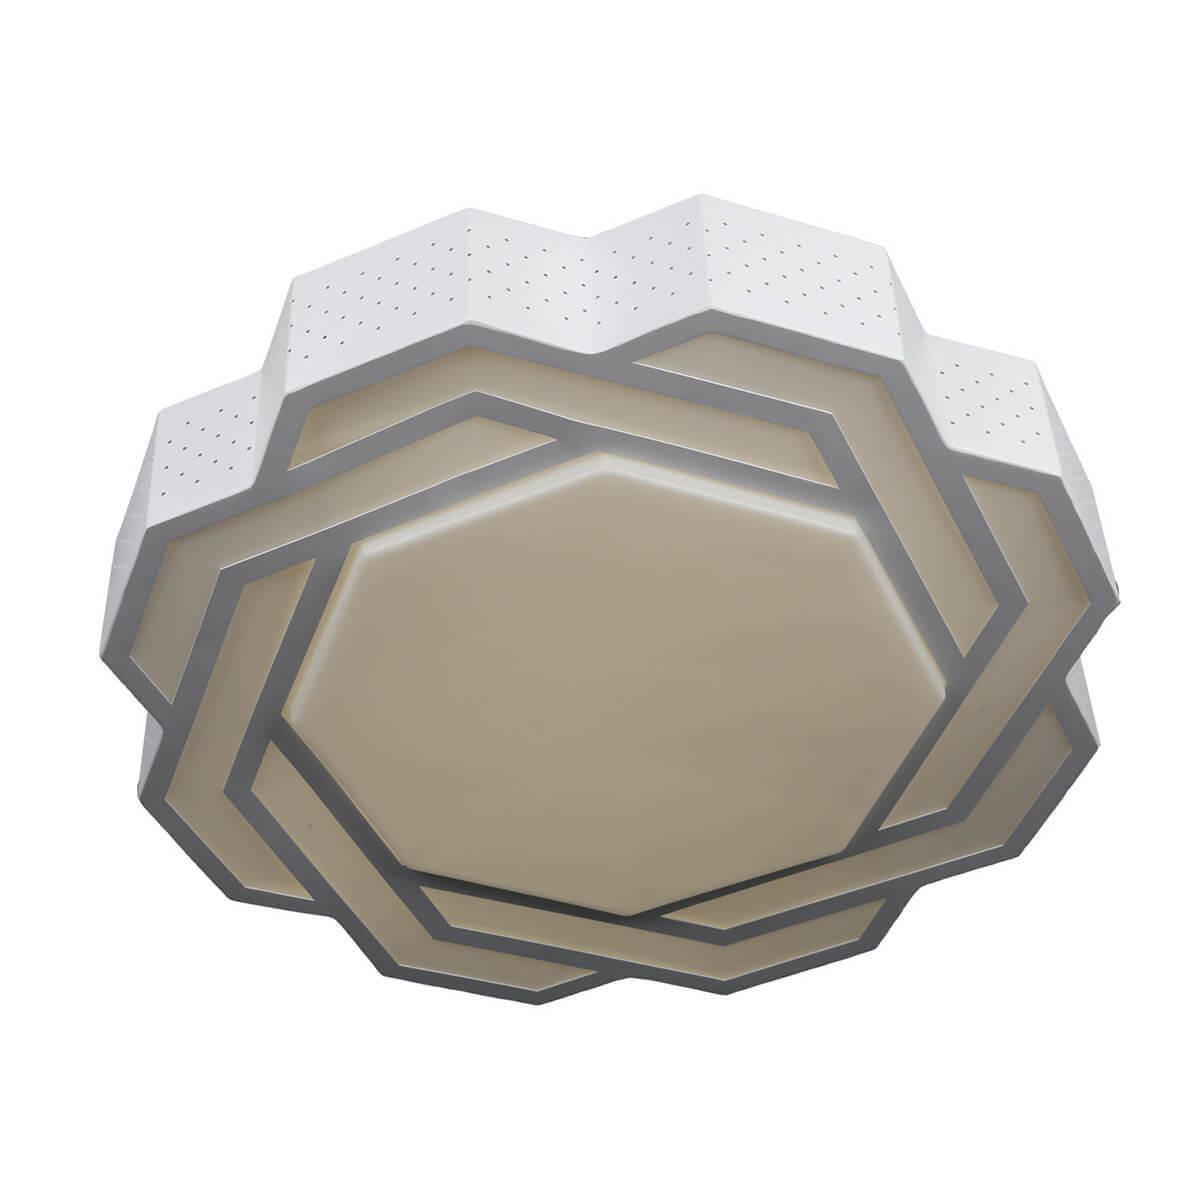 Потолочный светильник Omnilux OML-43607-40, LED, 40 Вт